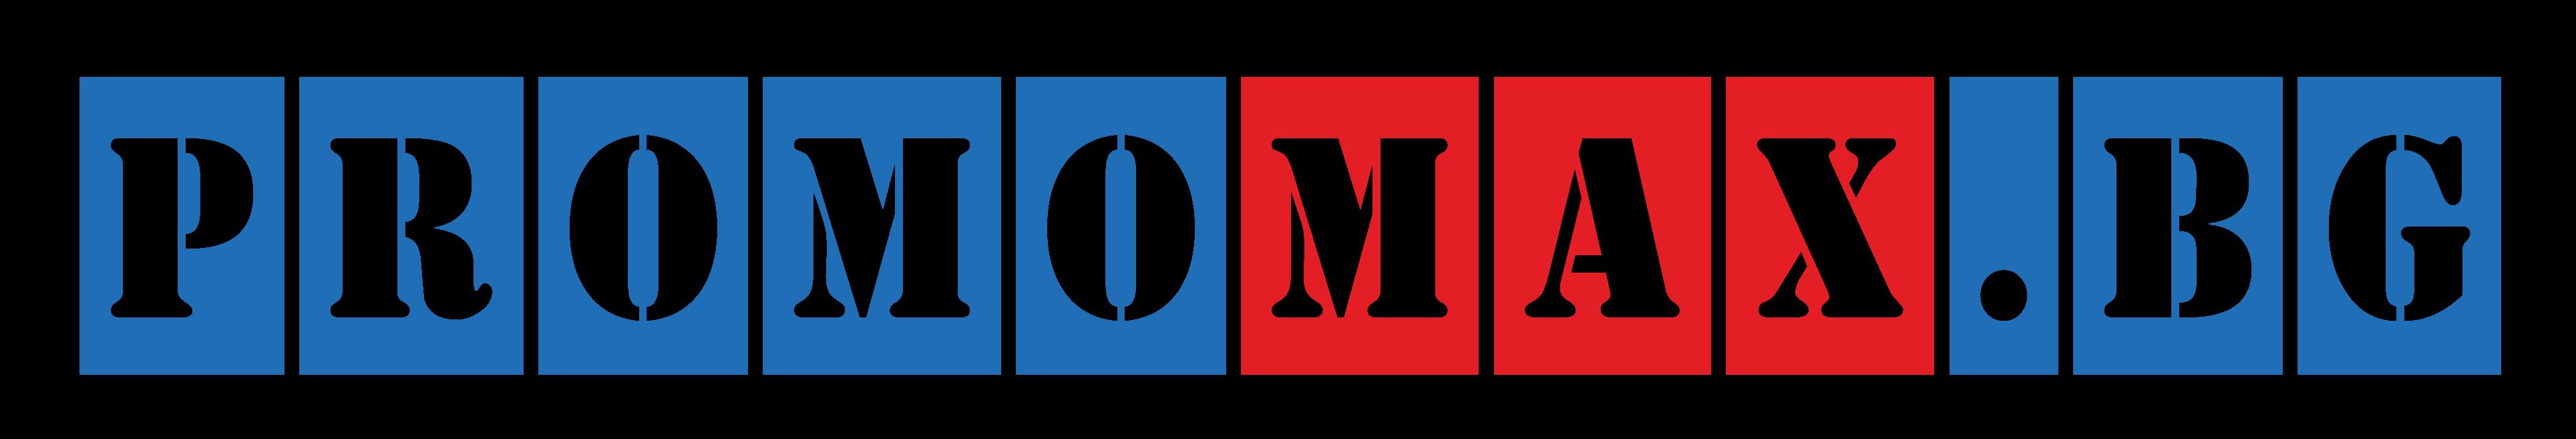 PromoMax.bg :: Всеки ден оферти с намаление от 50% до 90%!